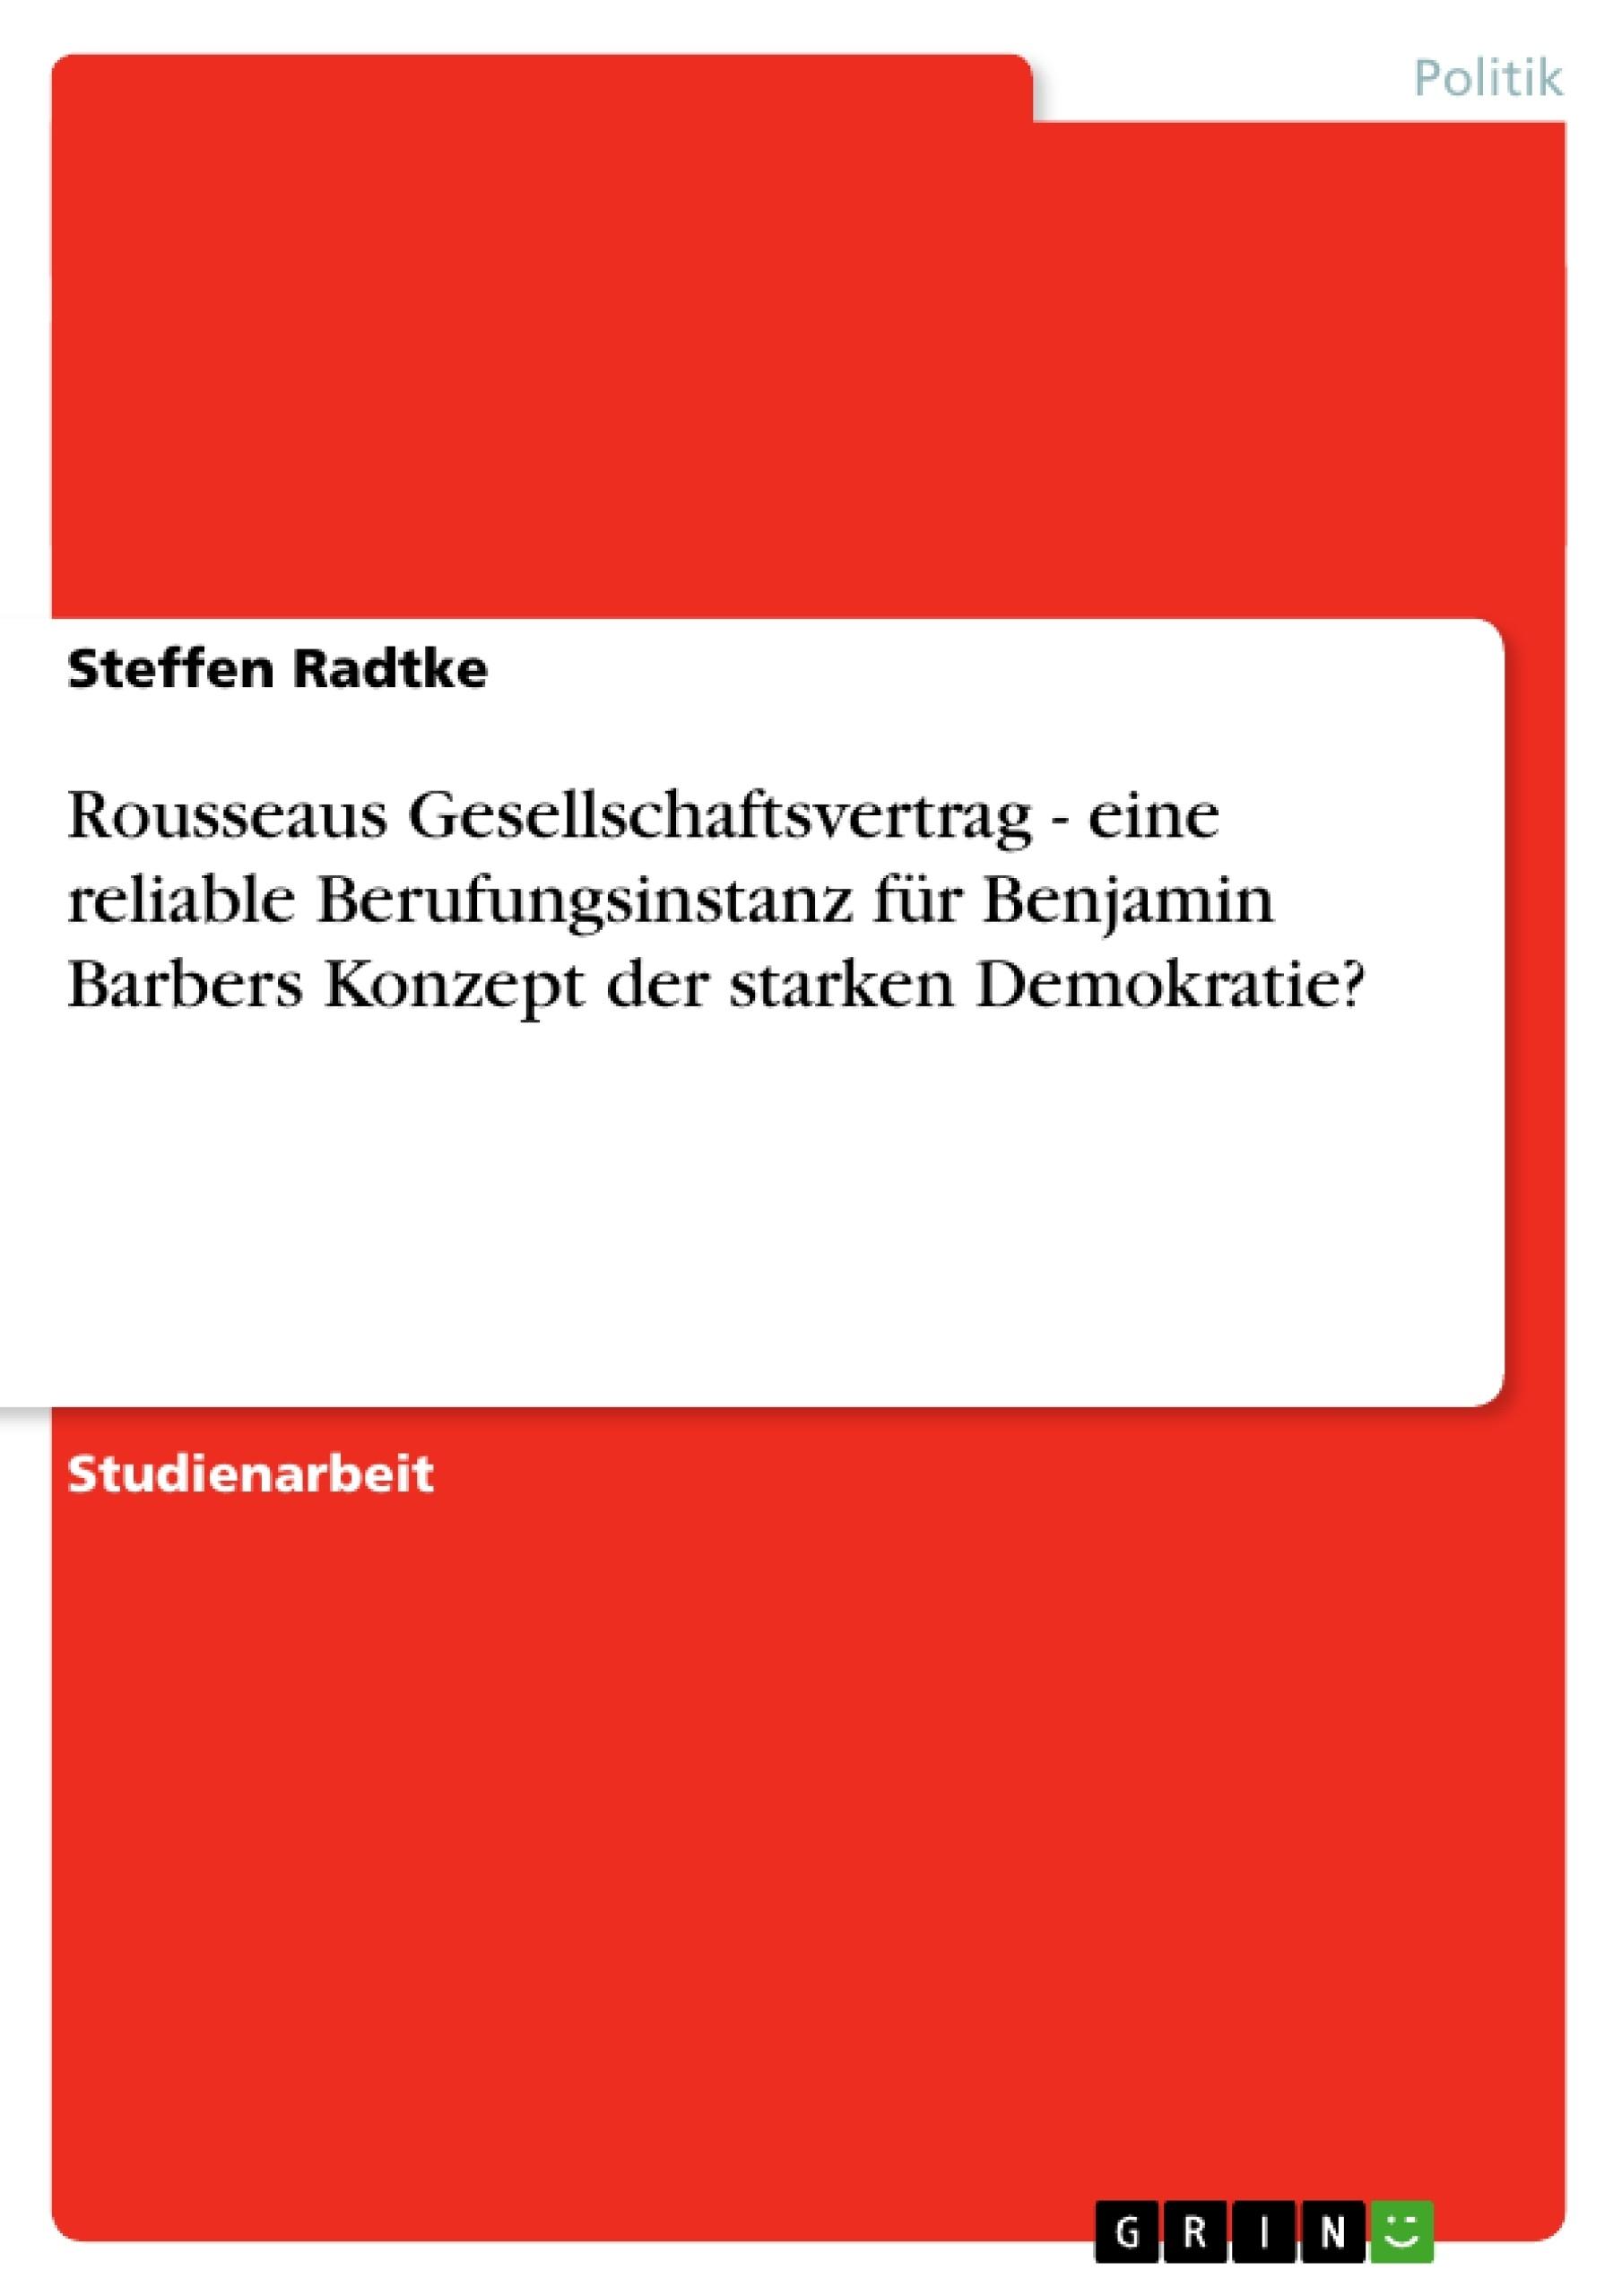 Titel: Rousseaus Gesellschaftsvertrag - eine reliable Berufungsinstanz für Benjamin Barbers Konzept der starken Demokratie?